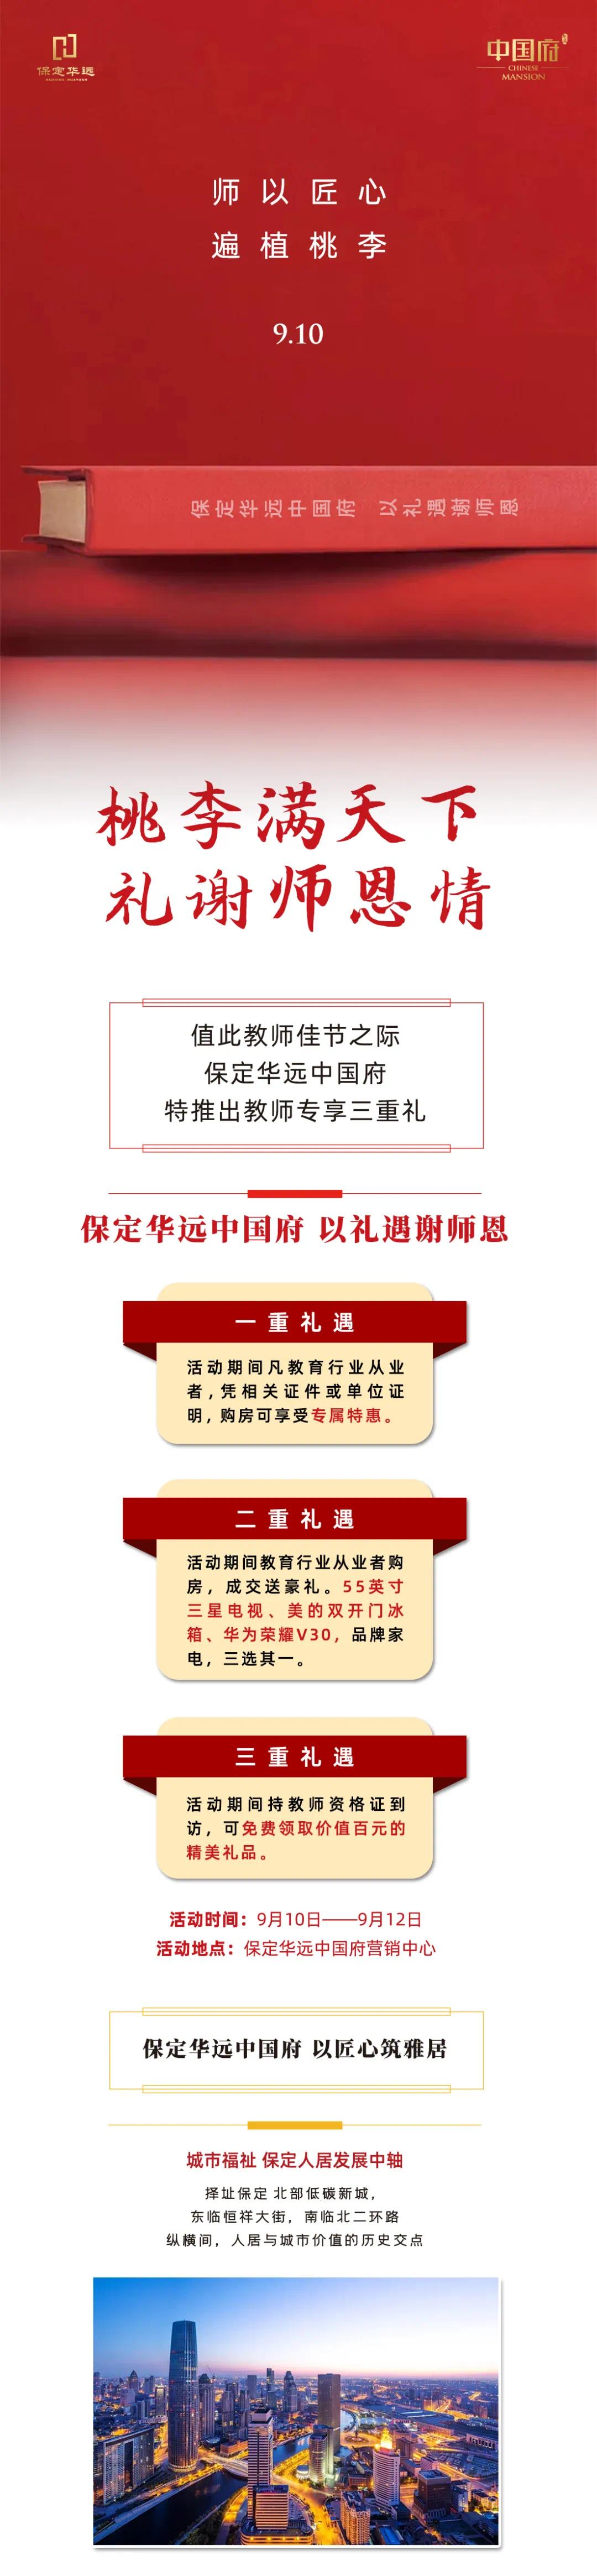 百元礼盒免费领!保定华远中国府教师节特惠专享三重礼